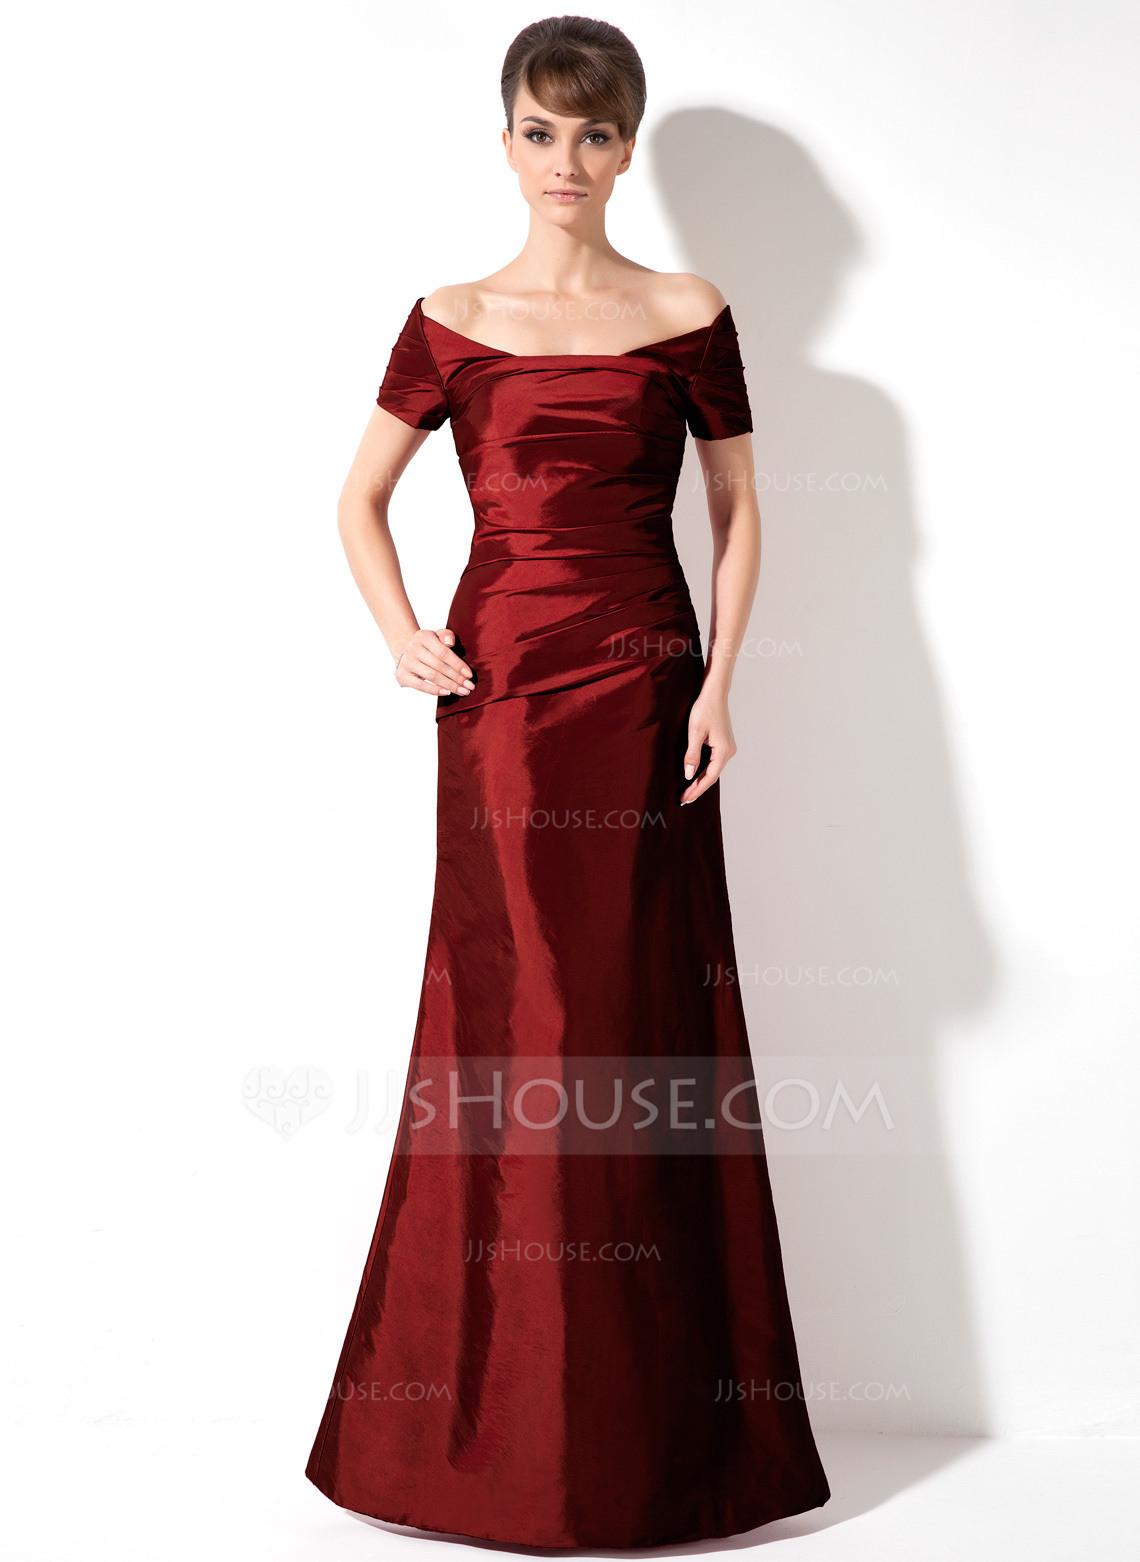 Abend Großartig Festliche Kleider Mit Kurzen Ärmeln für 201913 Coolste Festliche Kleider Mit Kurzen Ärmeln Boutique